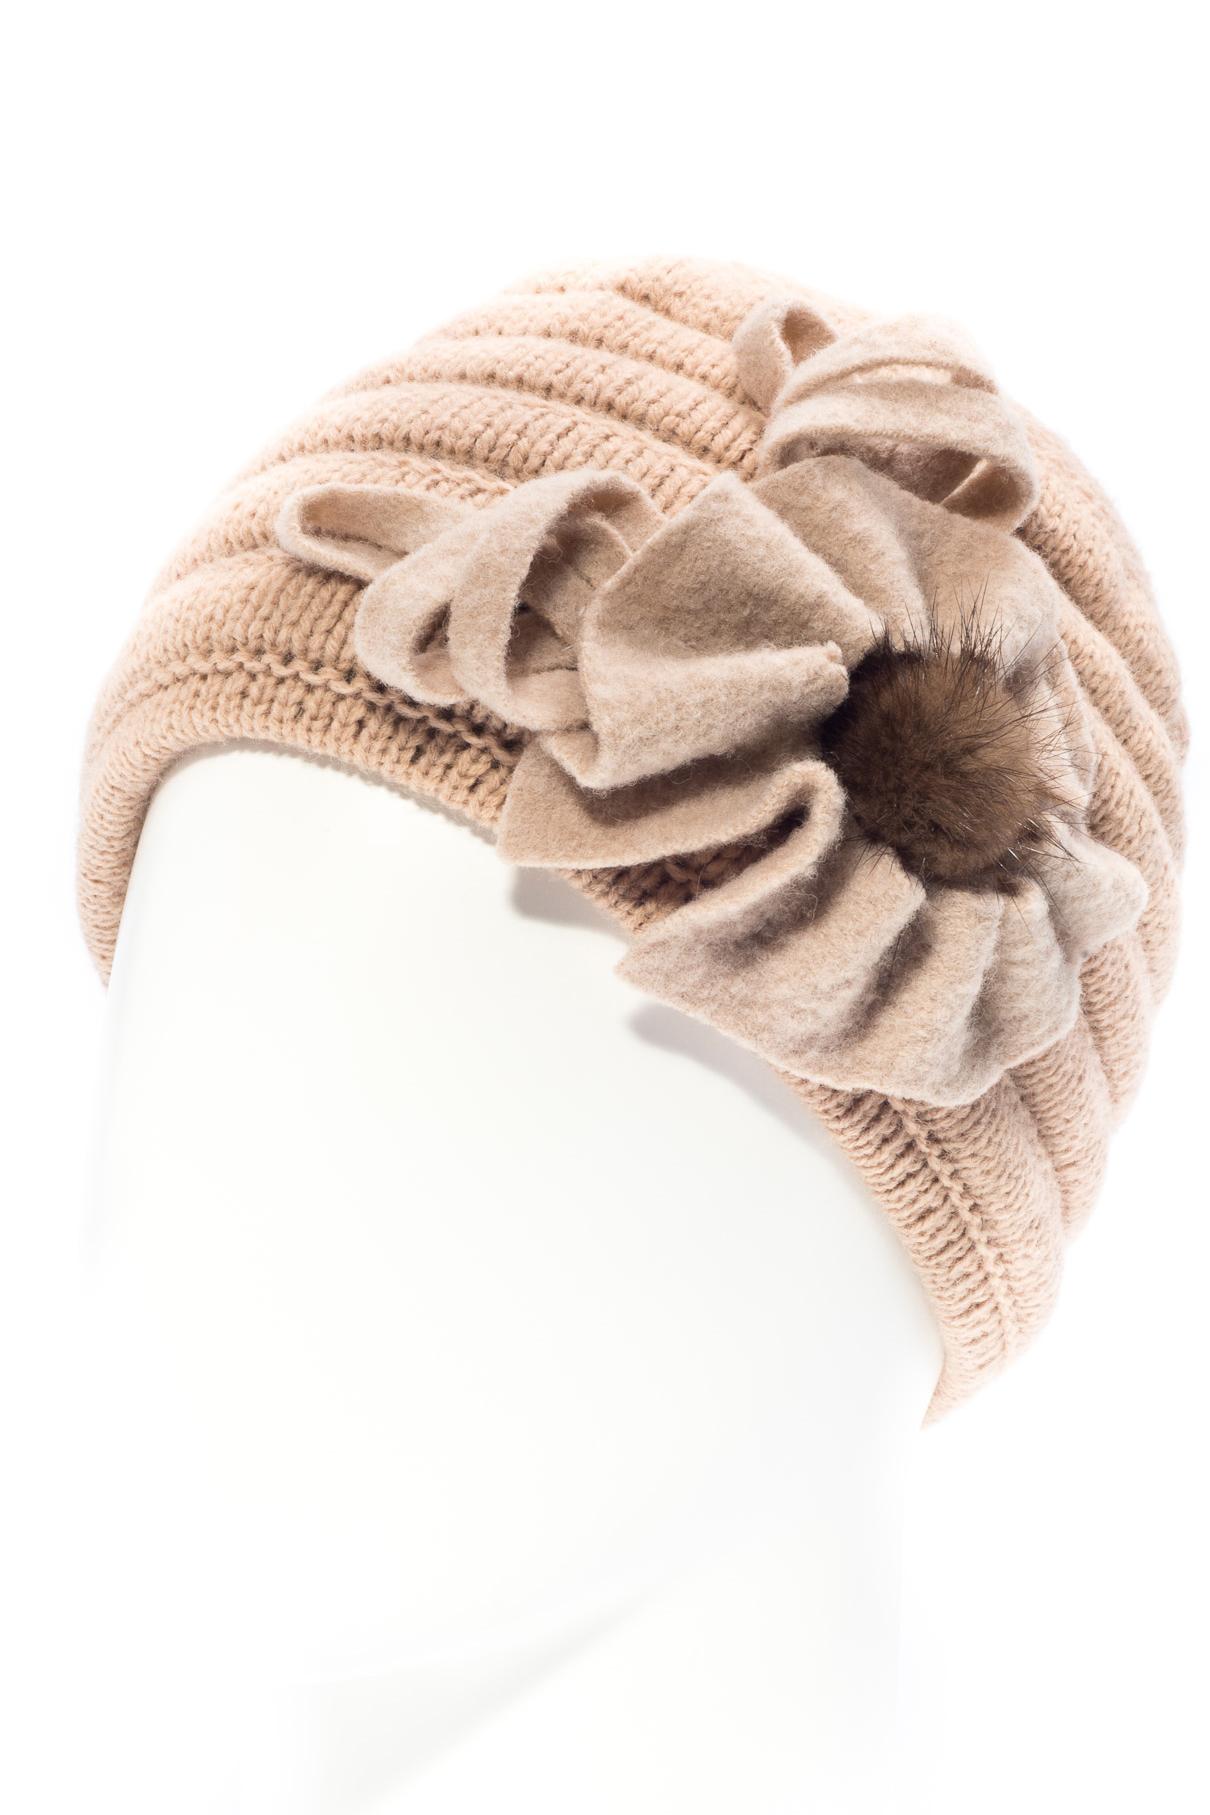 ШапкаШапки<br>Очаровательная шапка подарит Вам тепло и комфорт.  Стильный аксессуар подчеркнет Вашу женственность и станет прекрасным дополнением Вашего образа.  Цвет: бежевый<br><br>По материалу: Вязаные,Трикотаж<br>По рисунку: Однотонные<br>По элементам: С декором<br>По сезону: Зима<br>Размер : universal<br>Материал: Вязаное полотно<br>Количество в наличии: 1